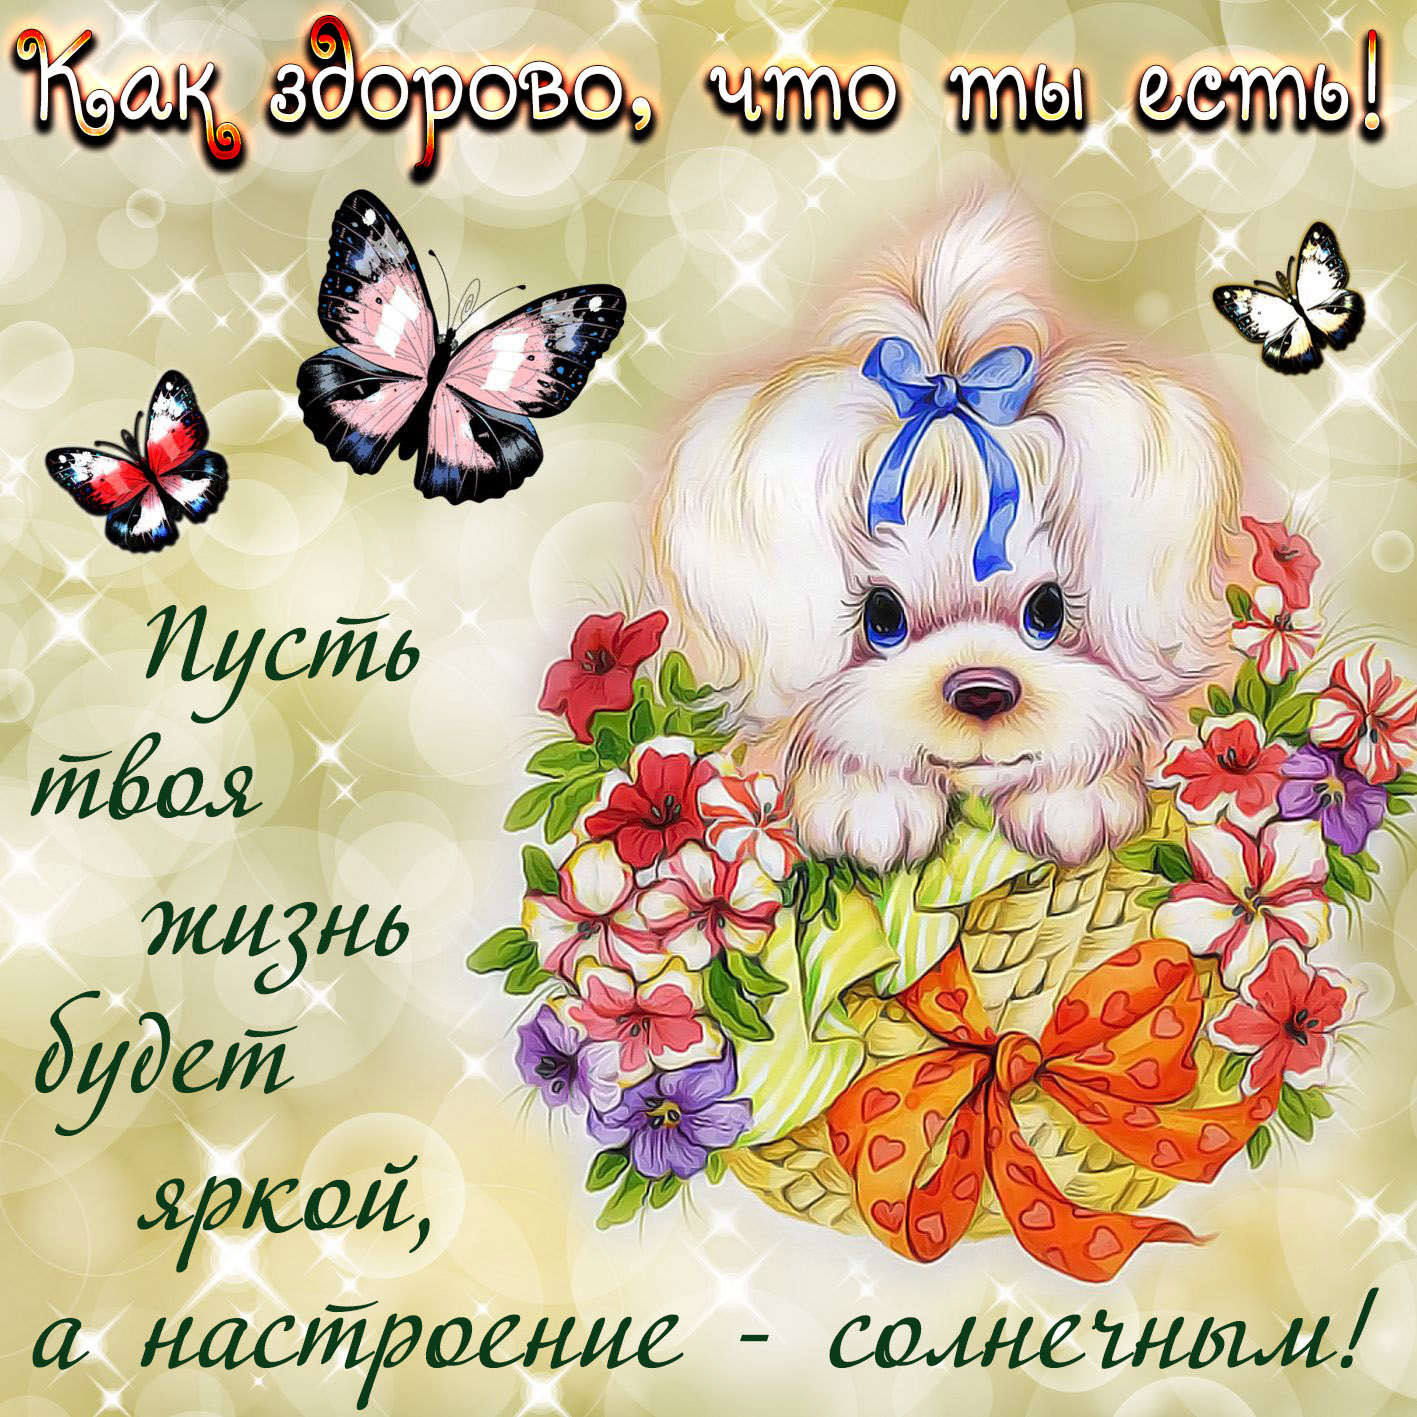 Картинки с пожеланиями счастья и хорошего дня здесь